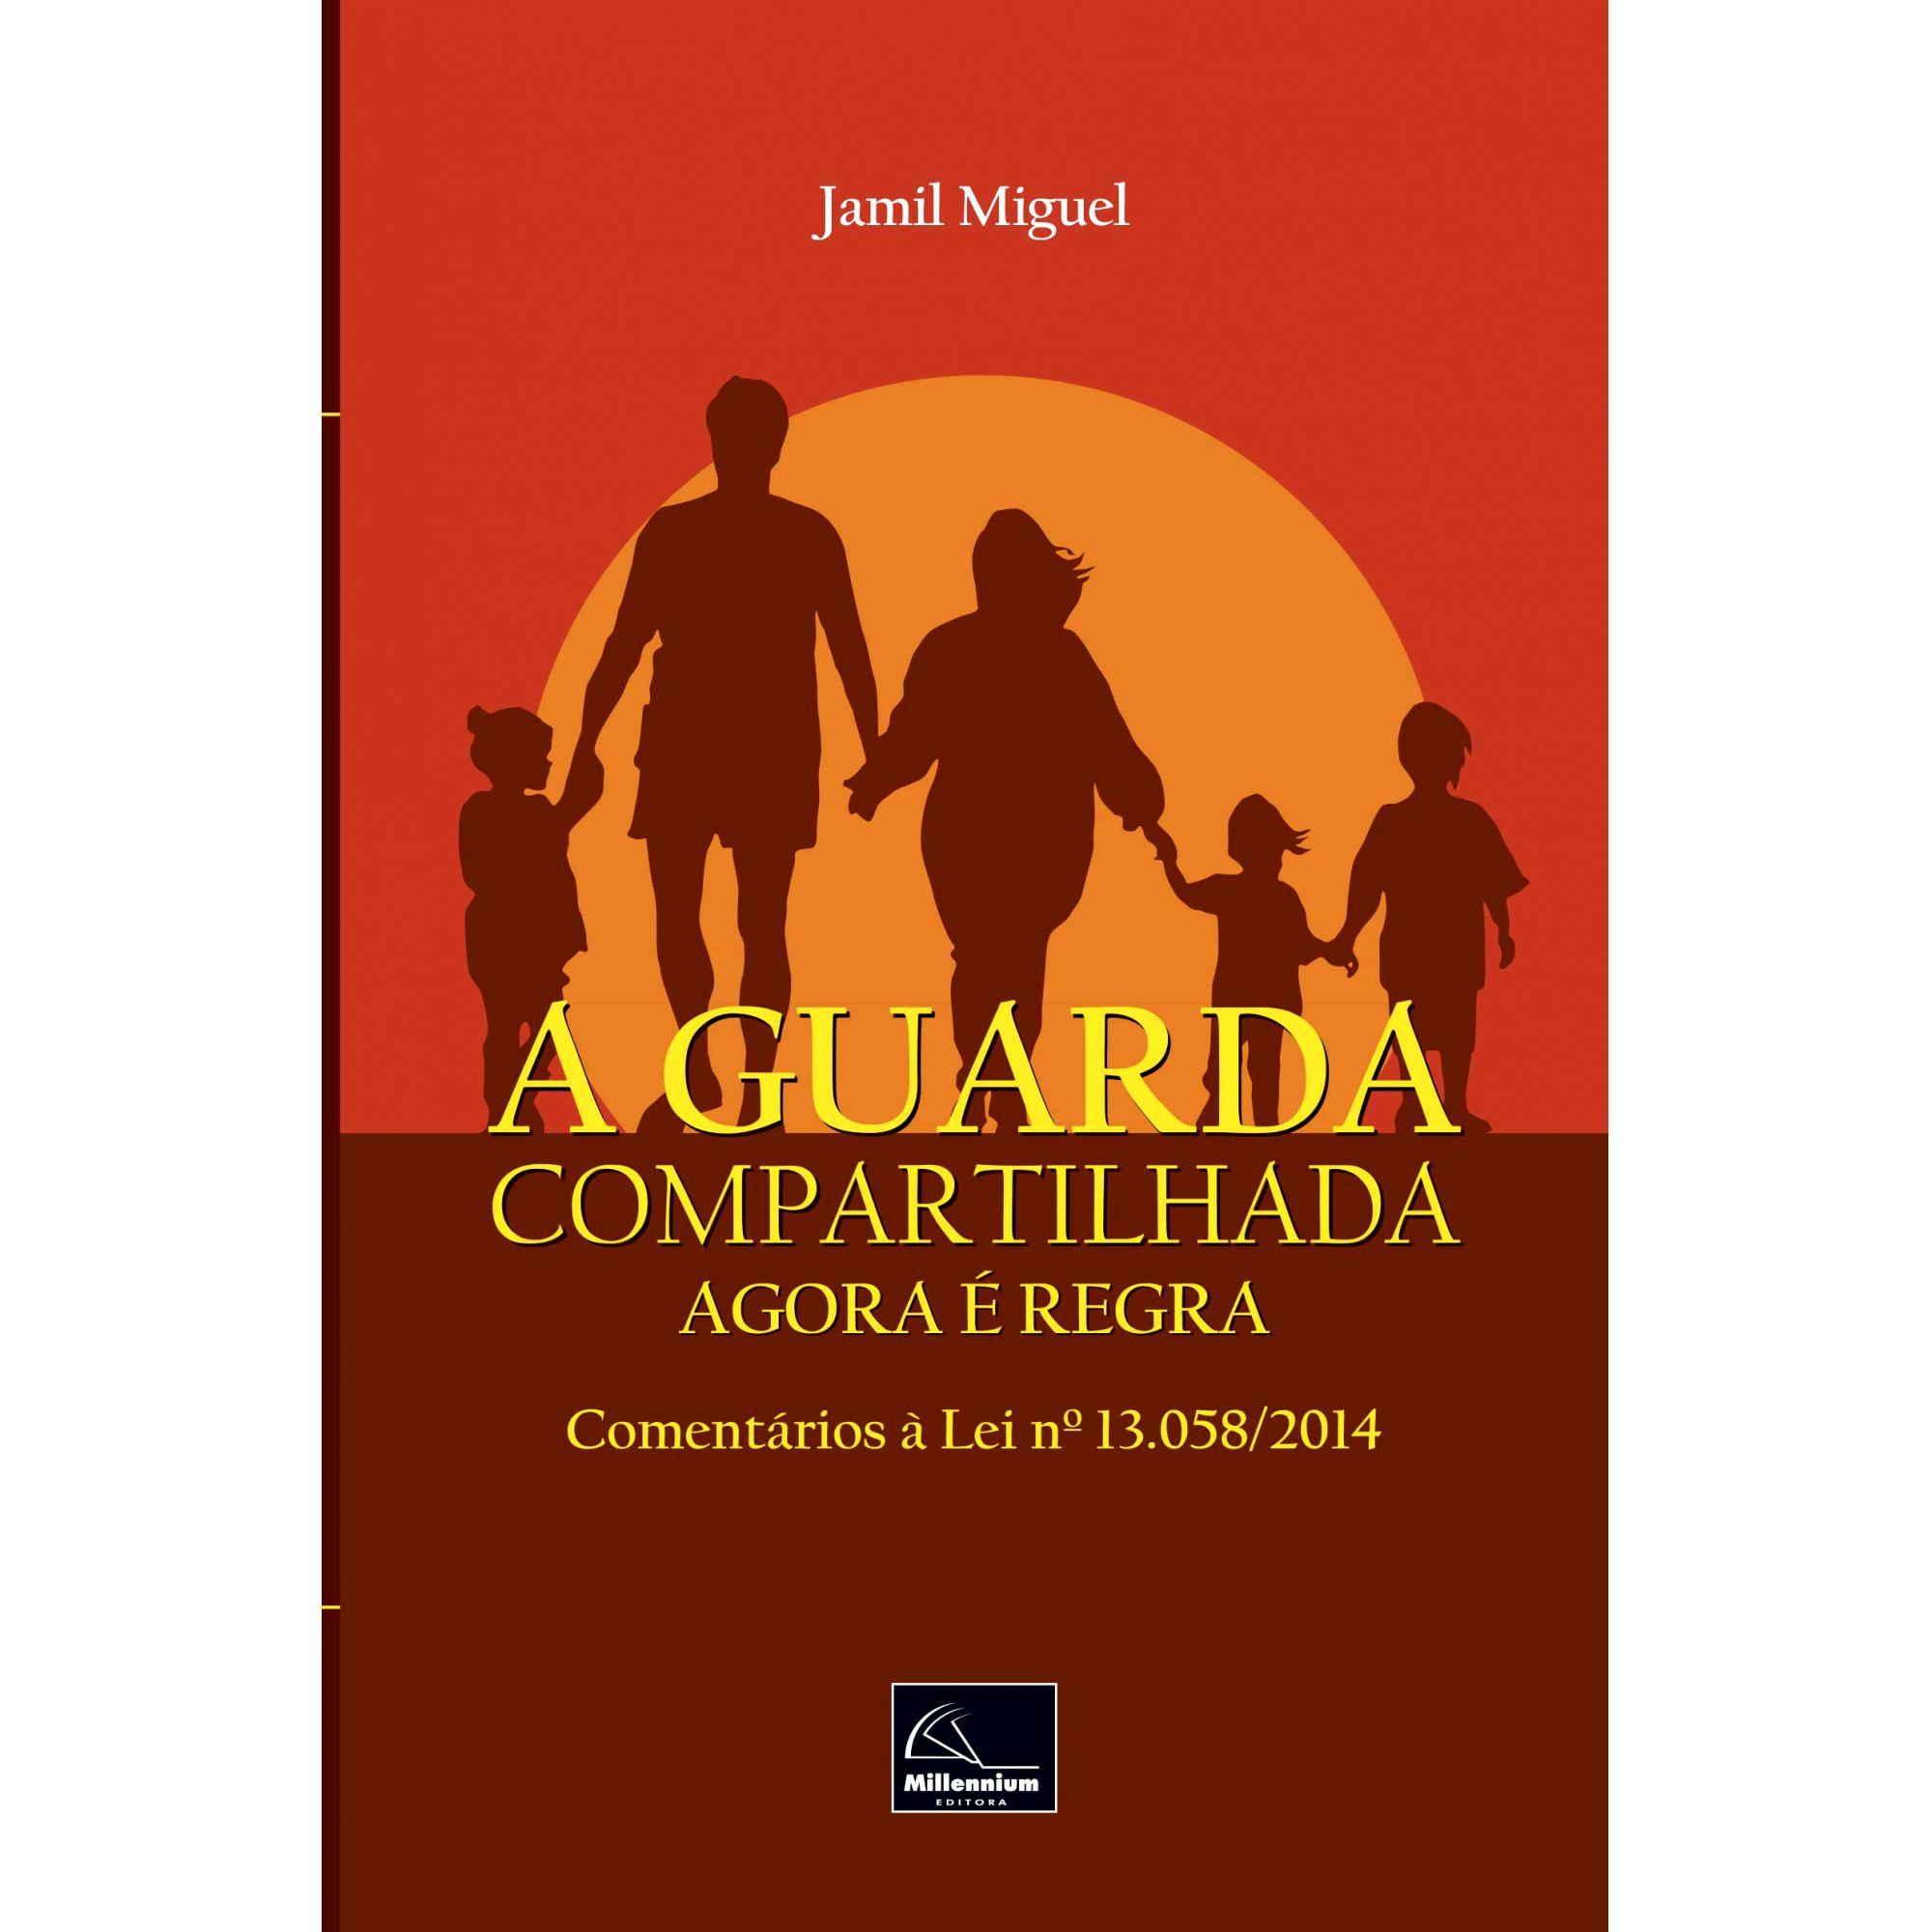 A Guarda Compartilhada Agora é Regra: Comentários à Lei Nº 13.058/2014 <b>Autor: Jamil Miguel</b>  - Millennium Editora - Livros de Perícia